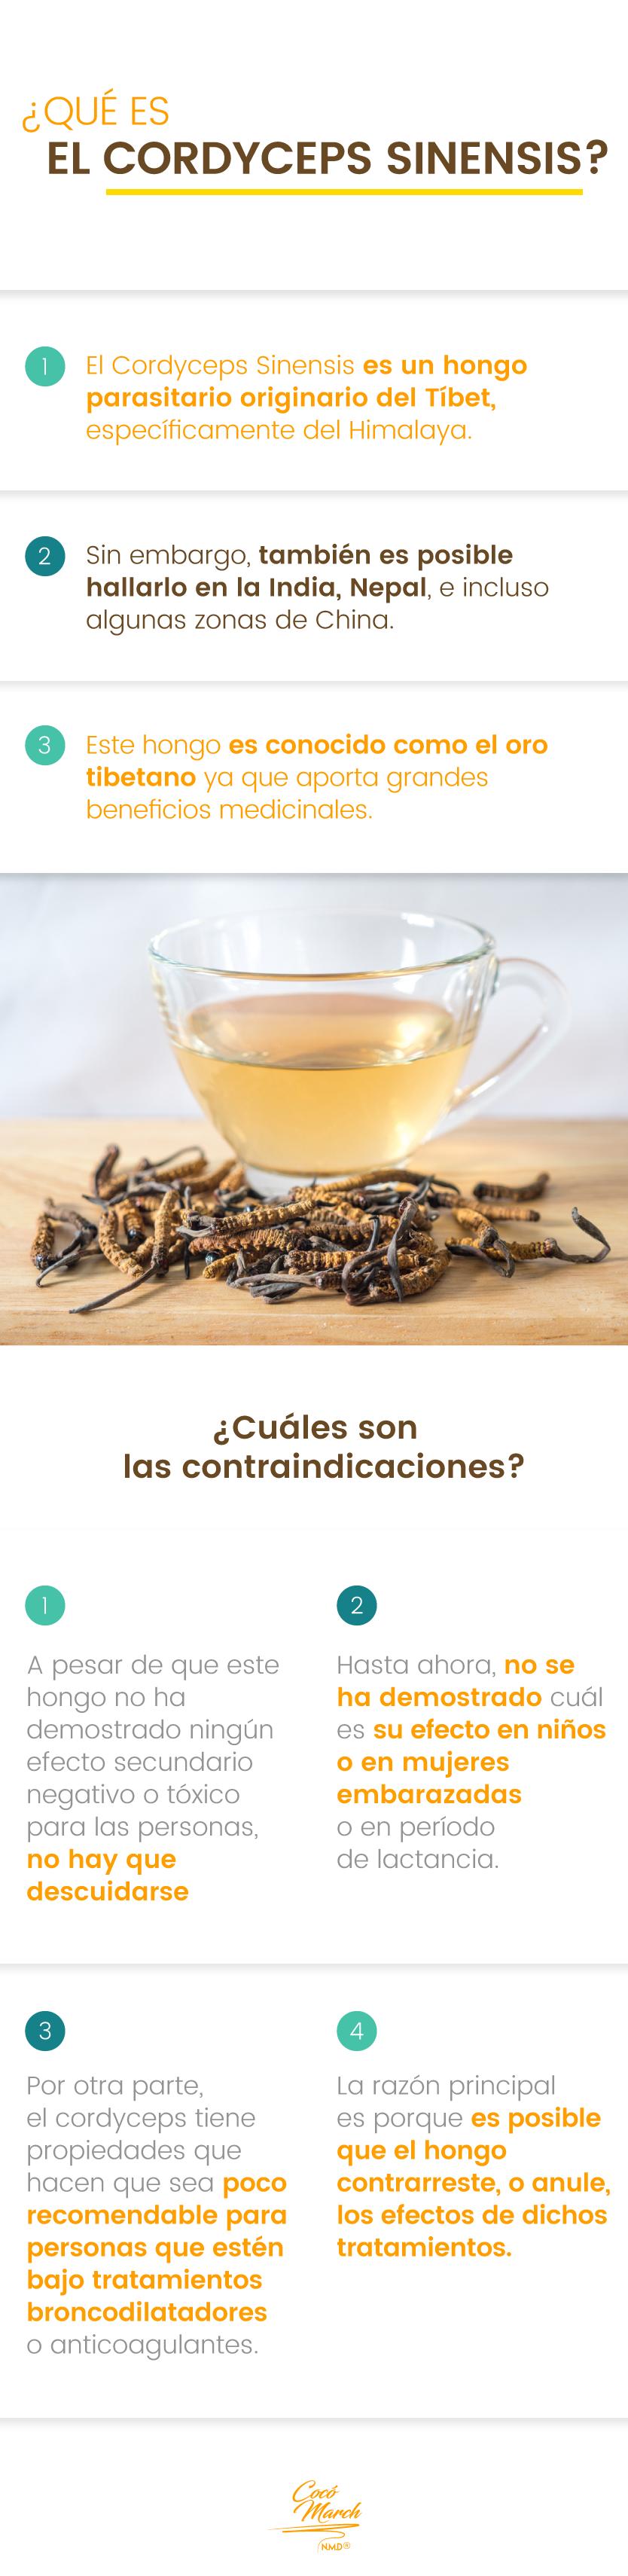 Cordyceps-sinensis-que-es